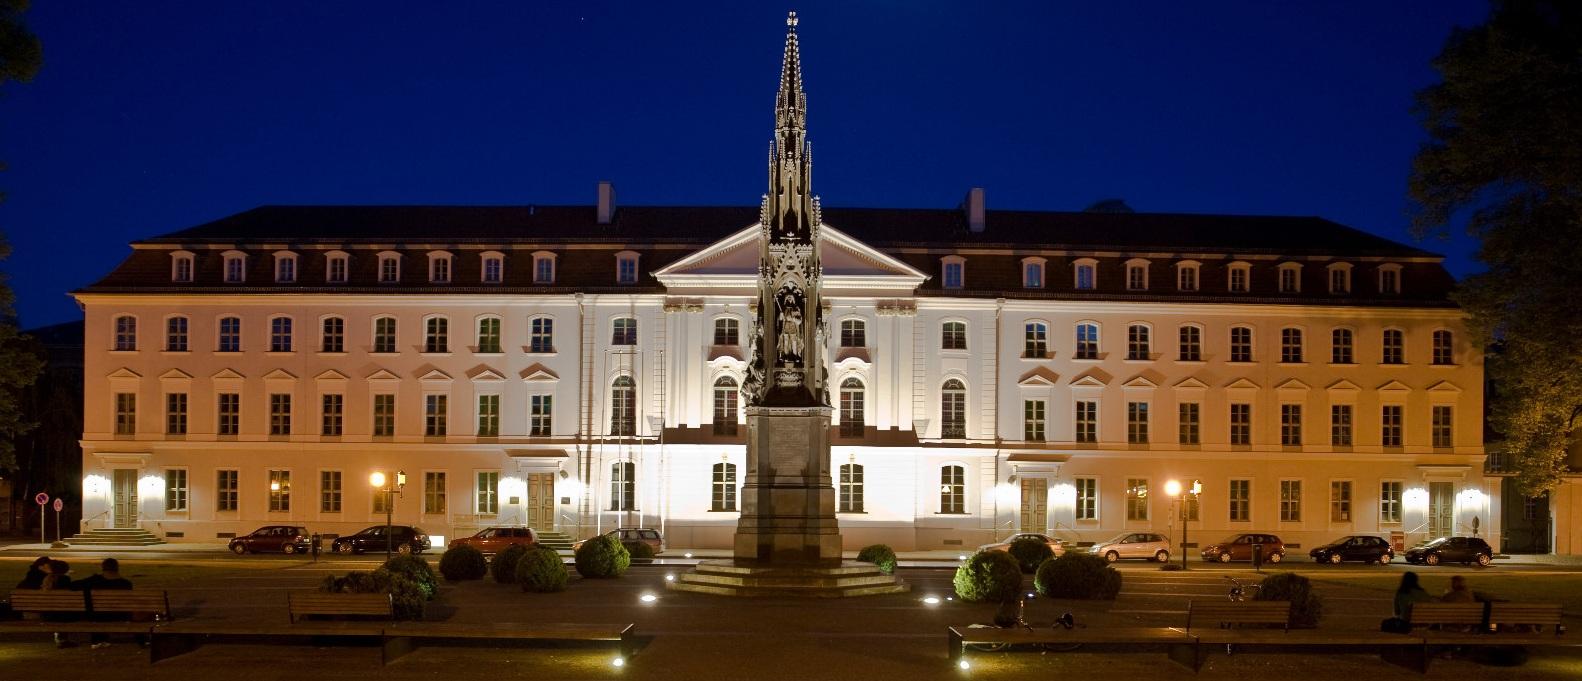 Das barocke Hauptgebäude der Ernst-Moritz-Arndt-Universität Greifswald. Die Universität wurde im Jahr 1456 gegründet und gehört damit zu den ältesten Universitäten Mitteleuropas. Foto: Markus Studtmann / Wikimedia Commons